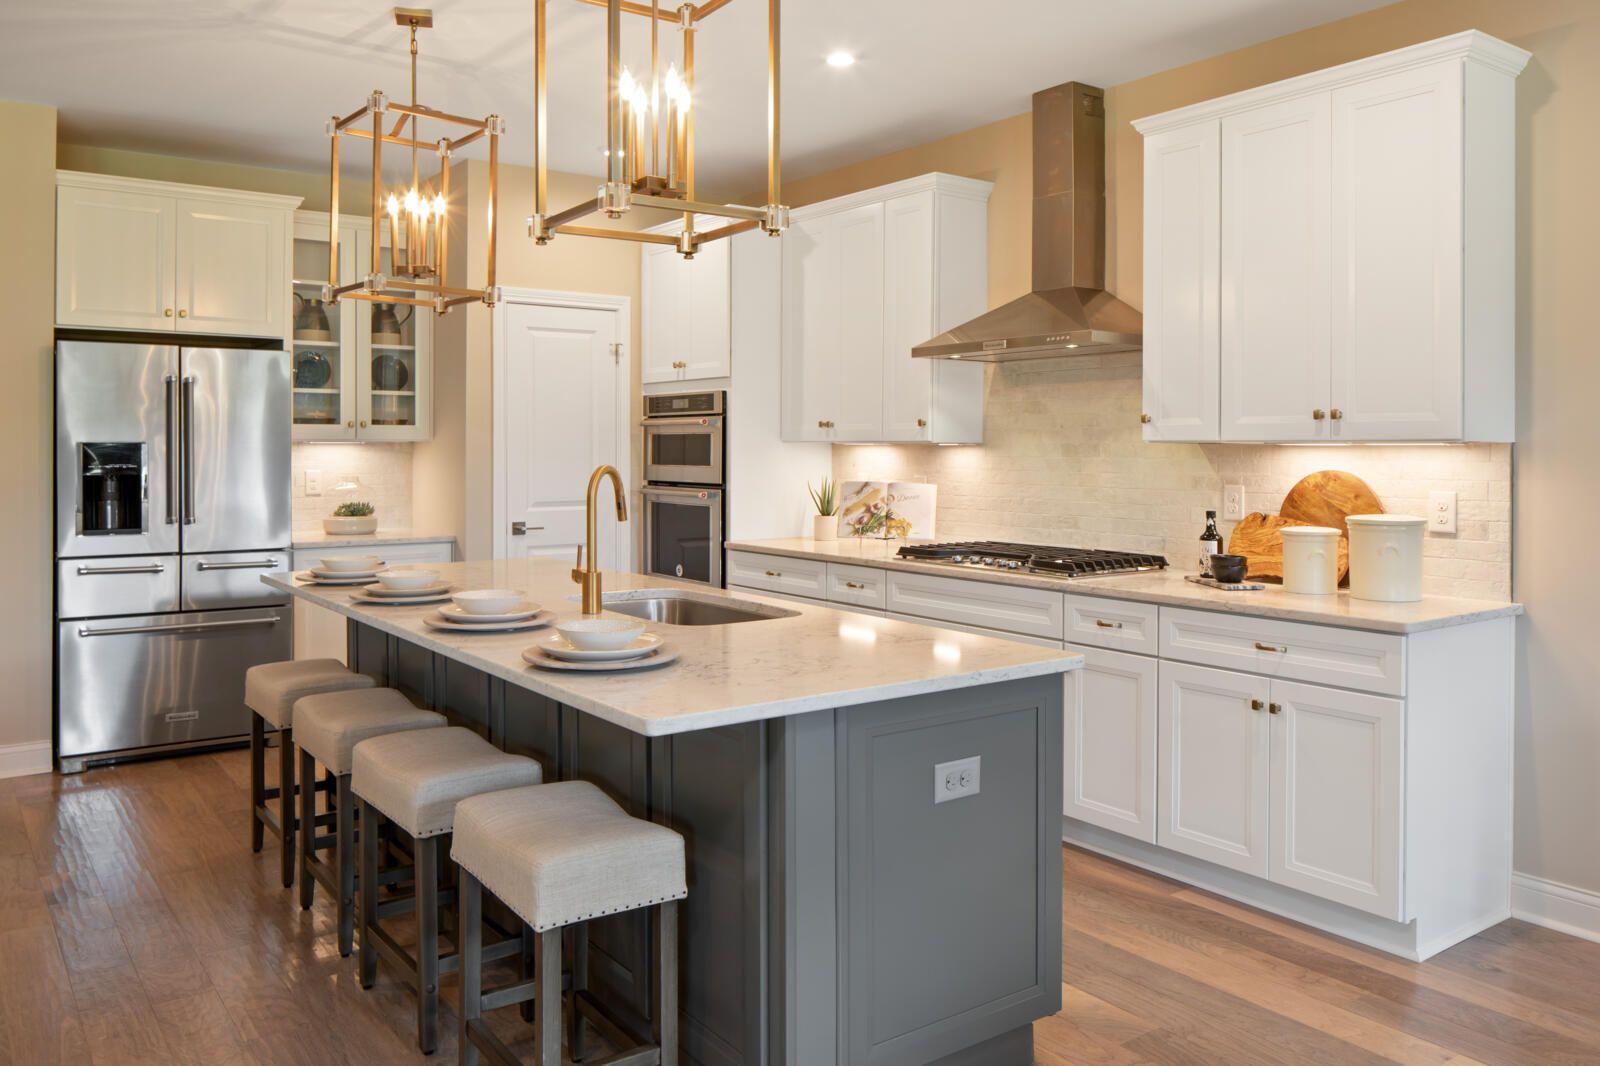 Lyndhurst At Miami Trails Loveland Oh Log Home Kitchens Home Kitchens Kitchen Design